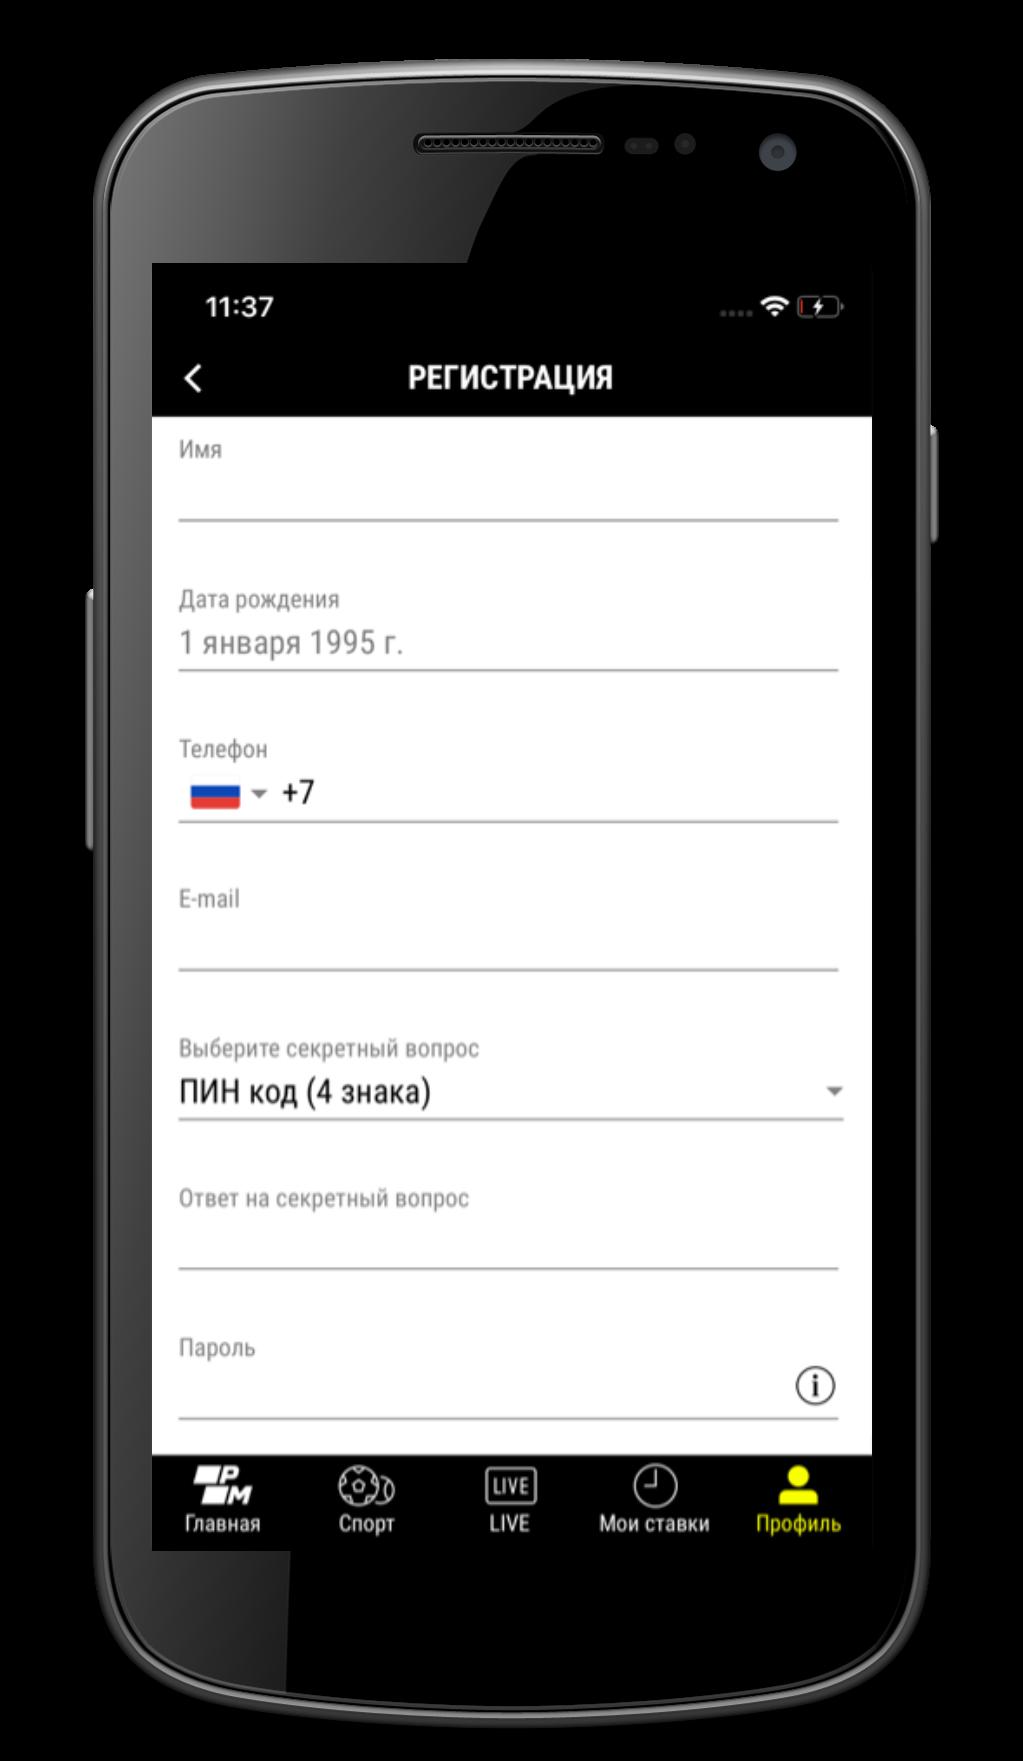 регистрация в андроид пари матч